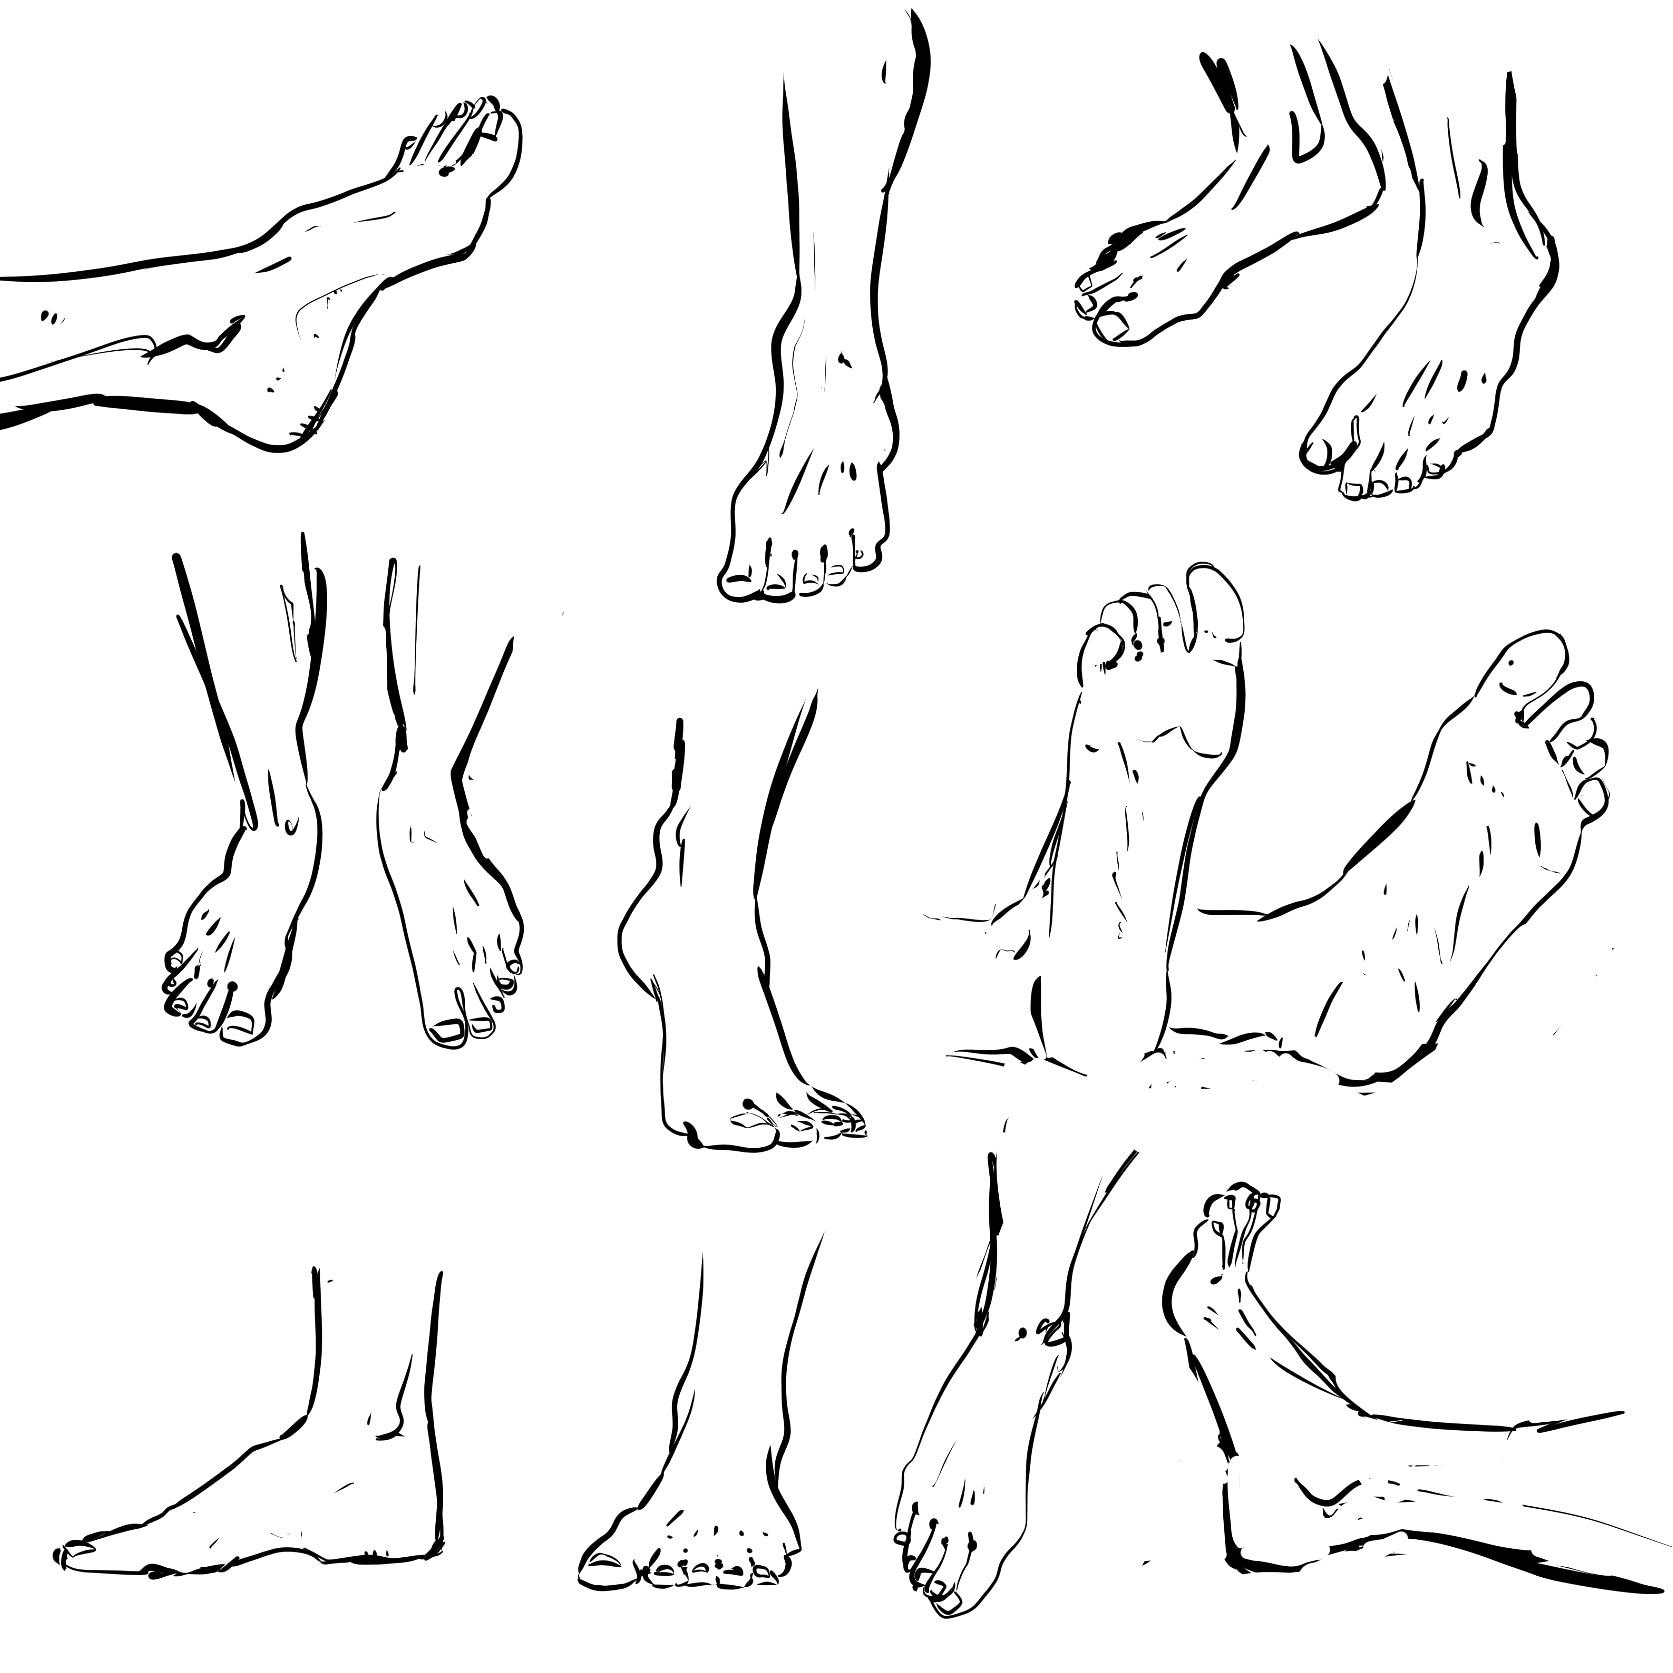 becky jewell hands and feet.jpg